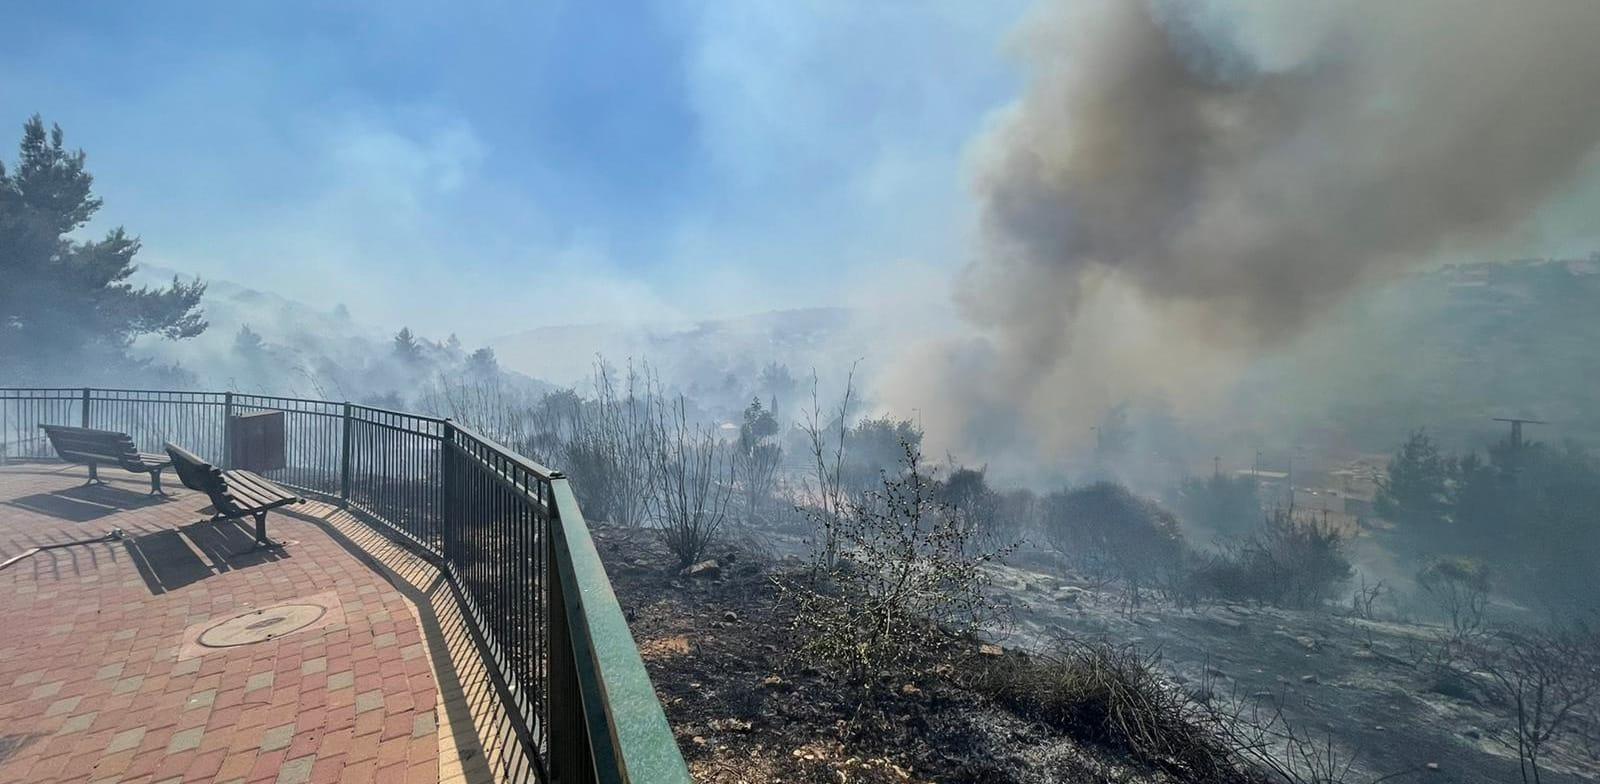 השריפה בצור הדסה אתמול / צילום: דוברות כבאות והצלה